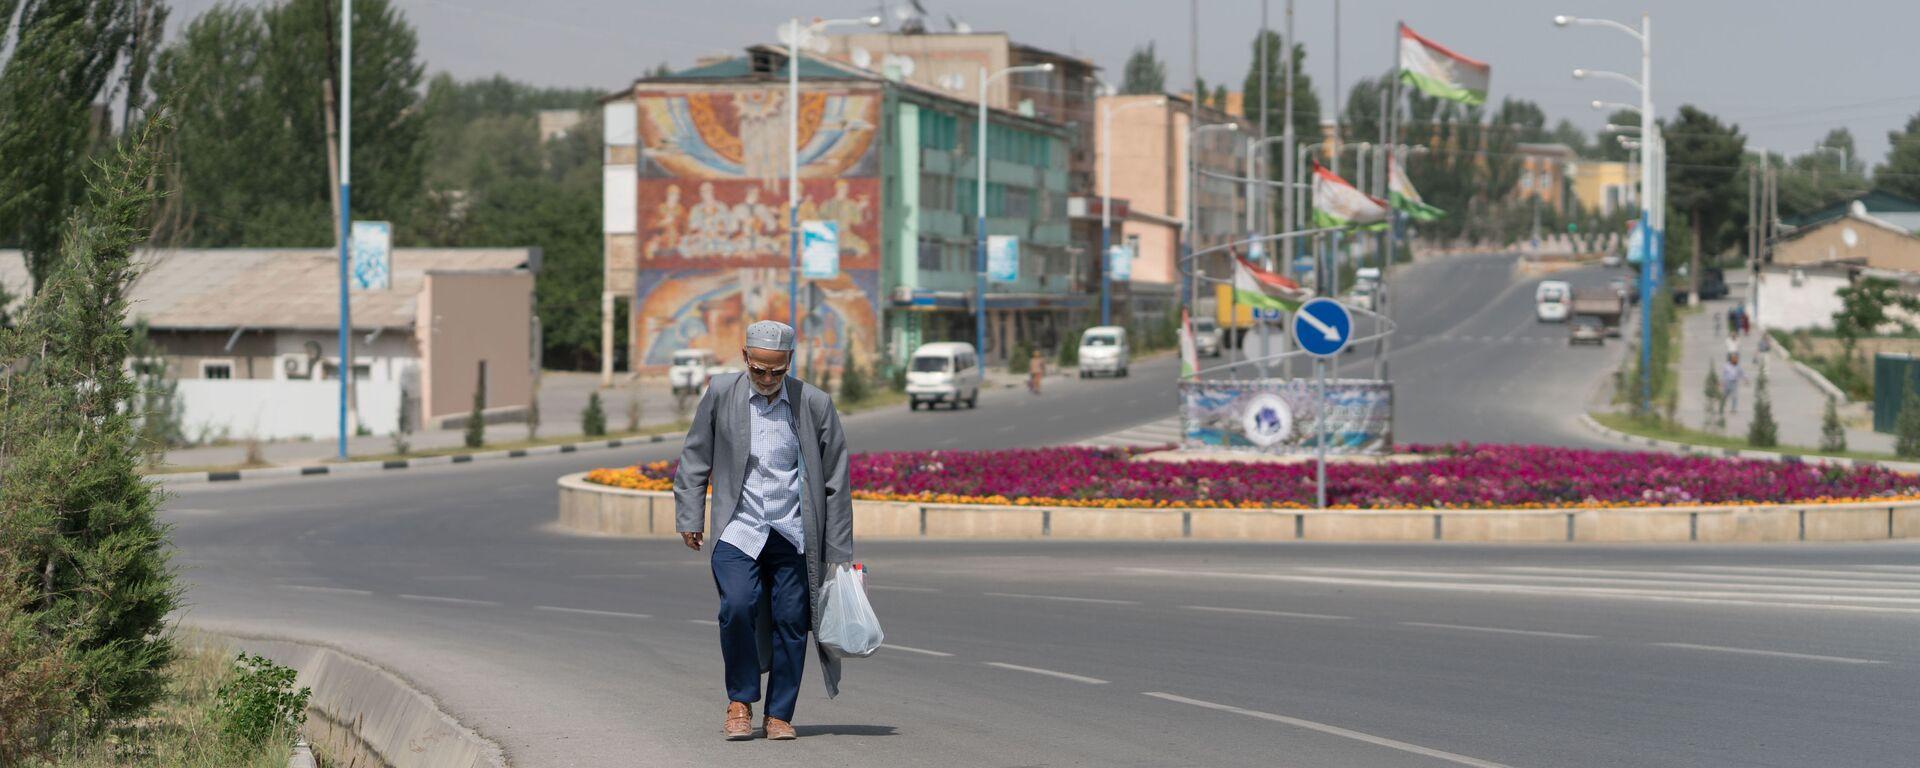 Дедушка прохожий на улице в городе Пенджикент - Sputnik Таджикистан, 1920, 26.07.2021